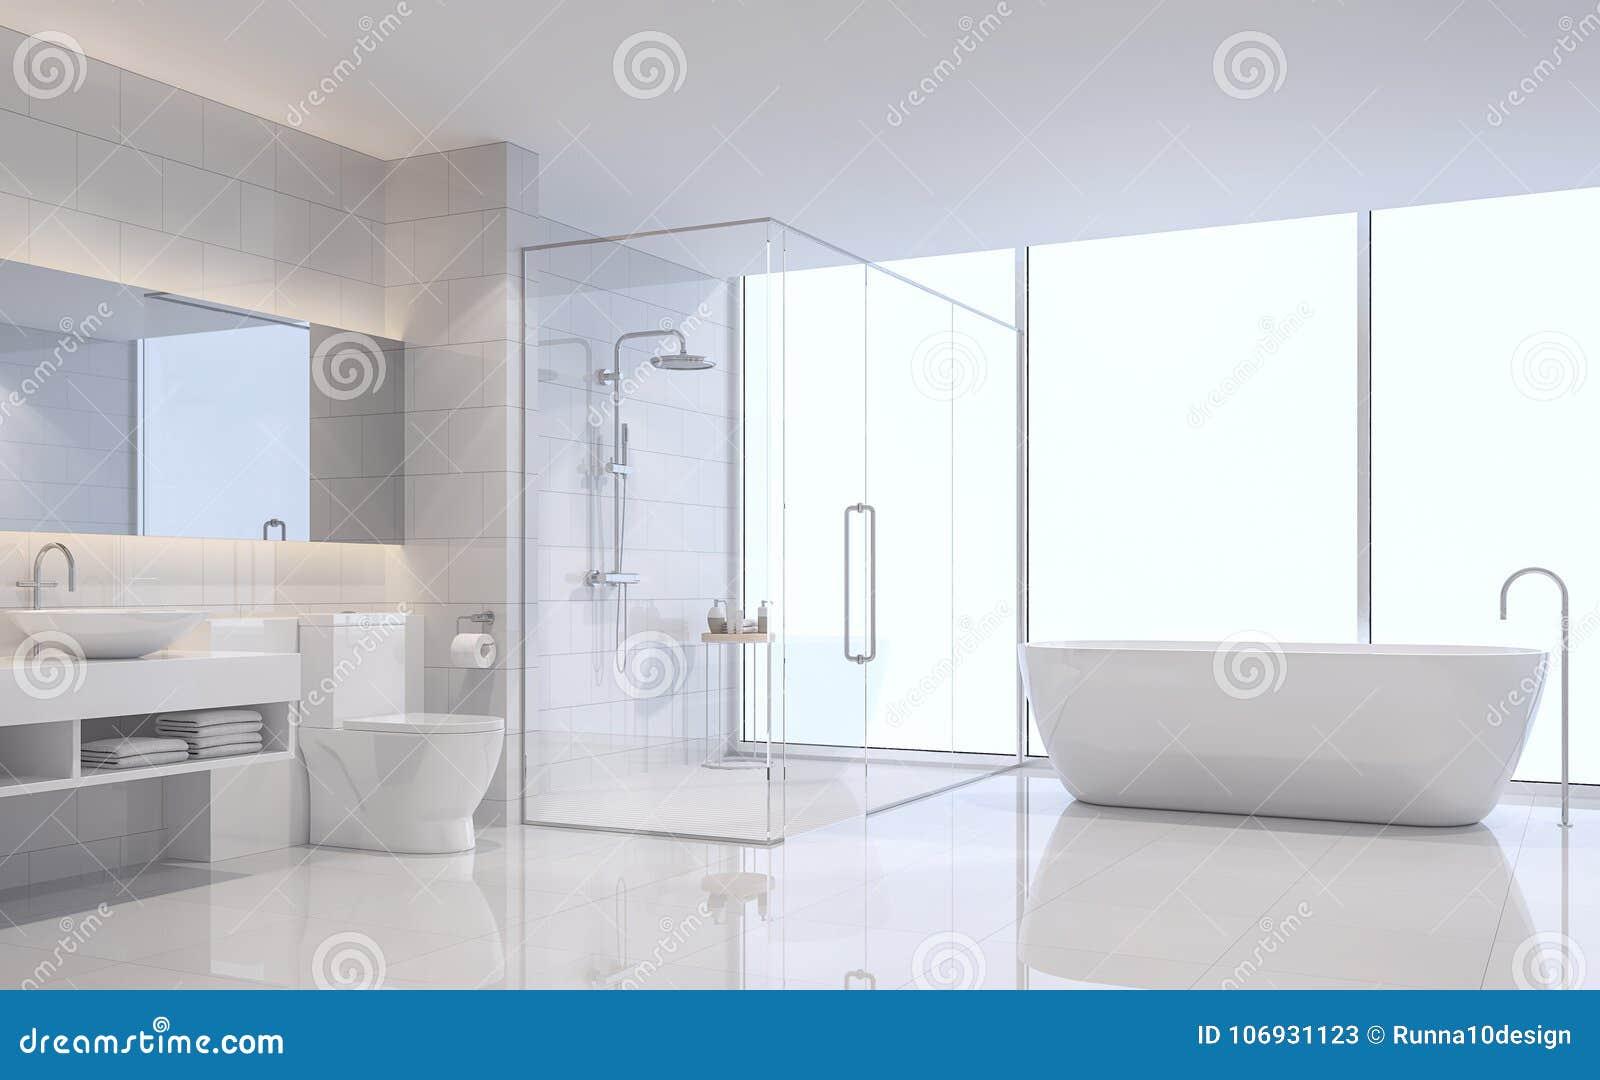 Modern White Bathroom 3d Rendering Image. Stock Illustration ...